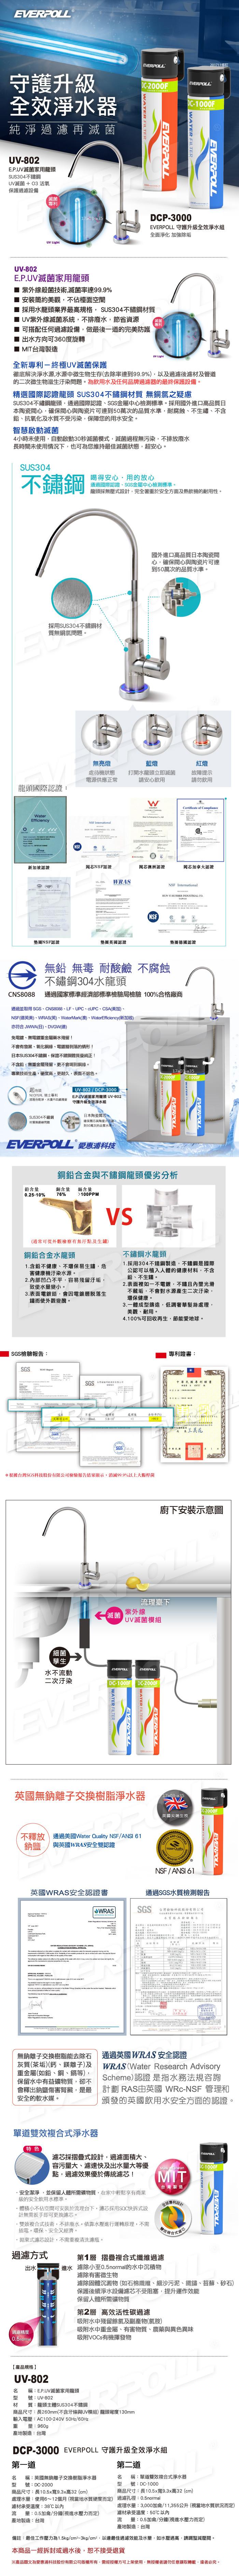 EVERPOLL愛惠浦 UV滅菌家用龍頭UV-802+守護升級全效淨水組 UV-802+DCP-3000